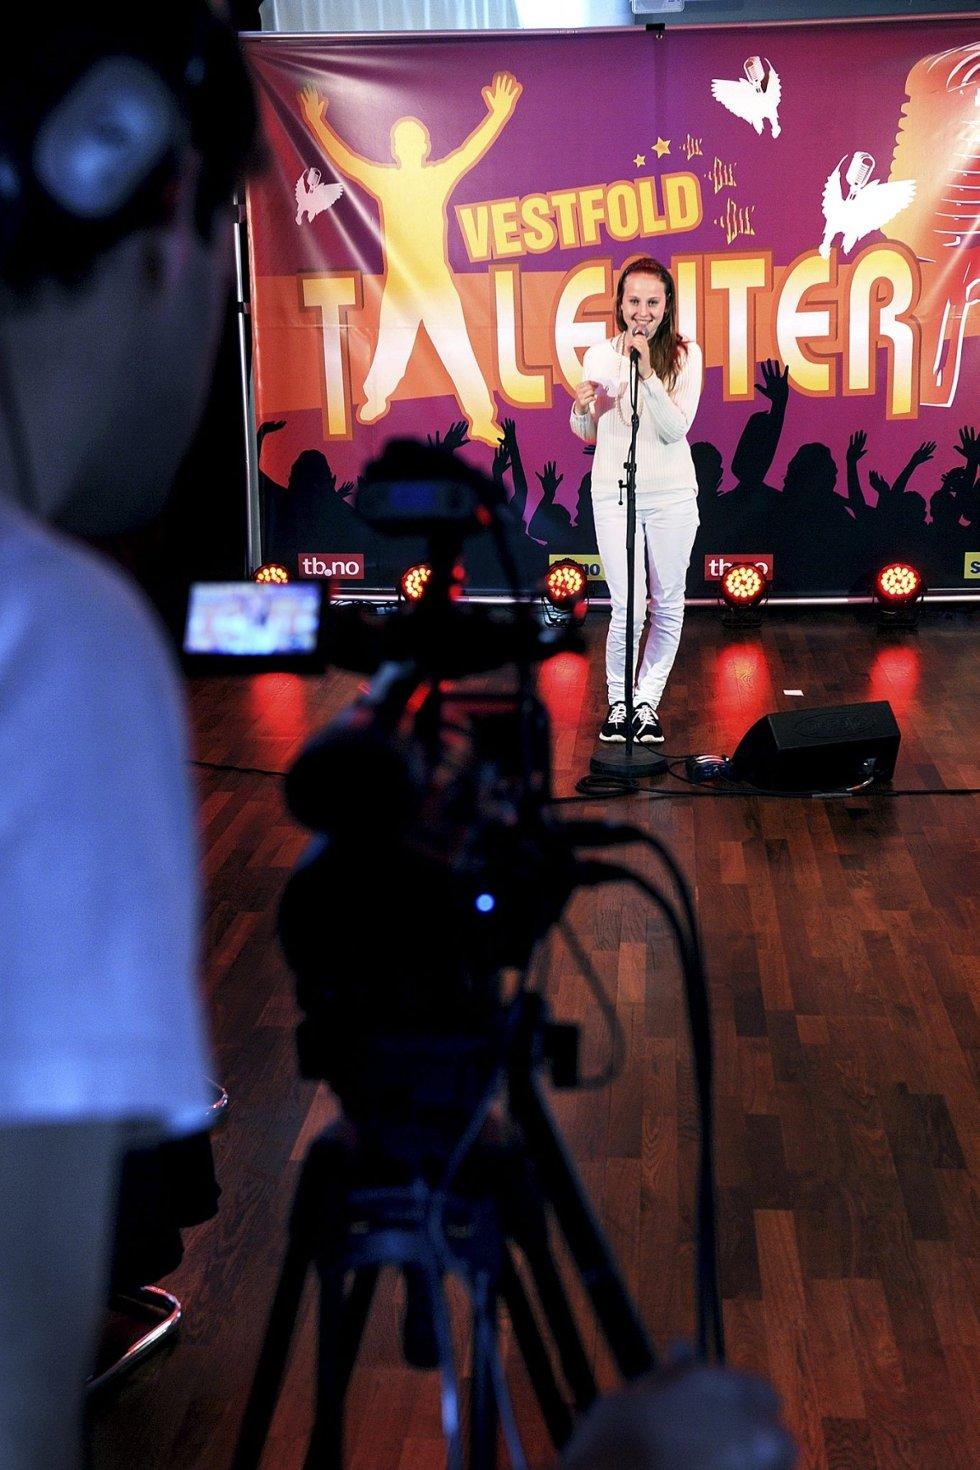 Elise Næsgård fra Sandefjord håper å gå videre i Vestfoldtalenter, og sang av full hals under opptak.  Foto: Kirvil Håberg Allum